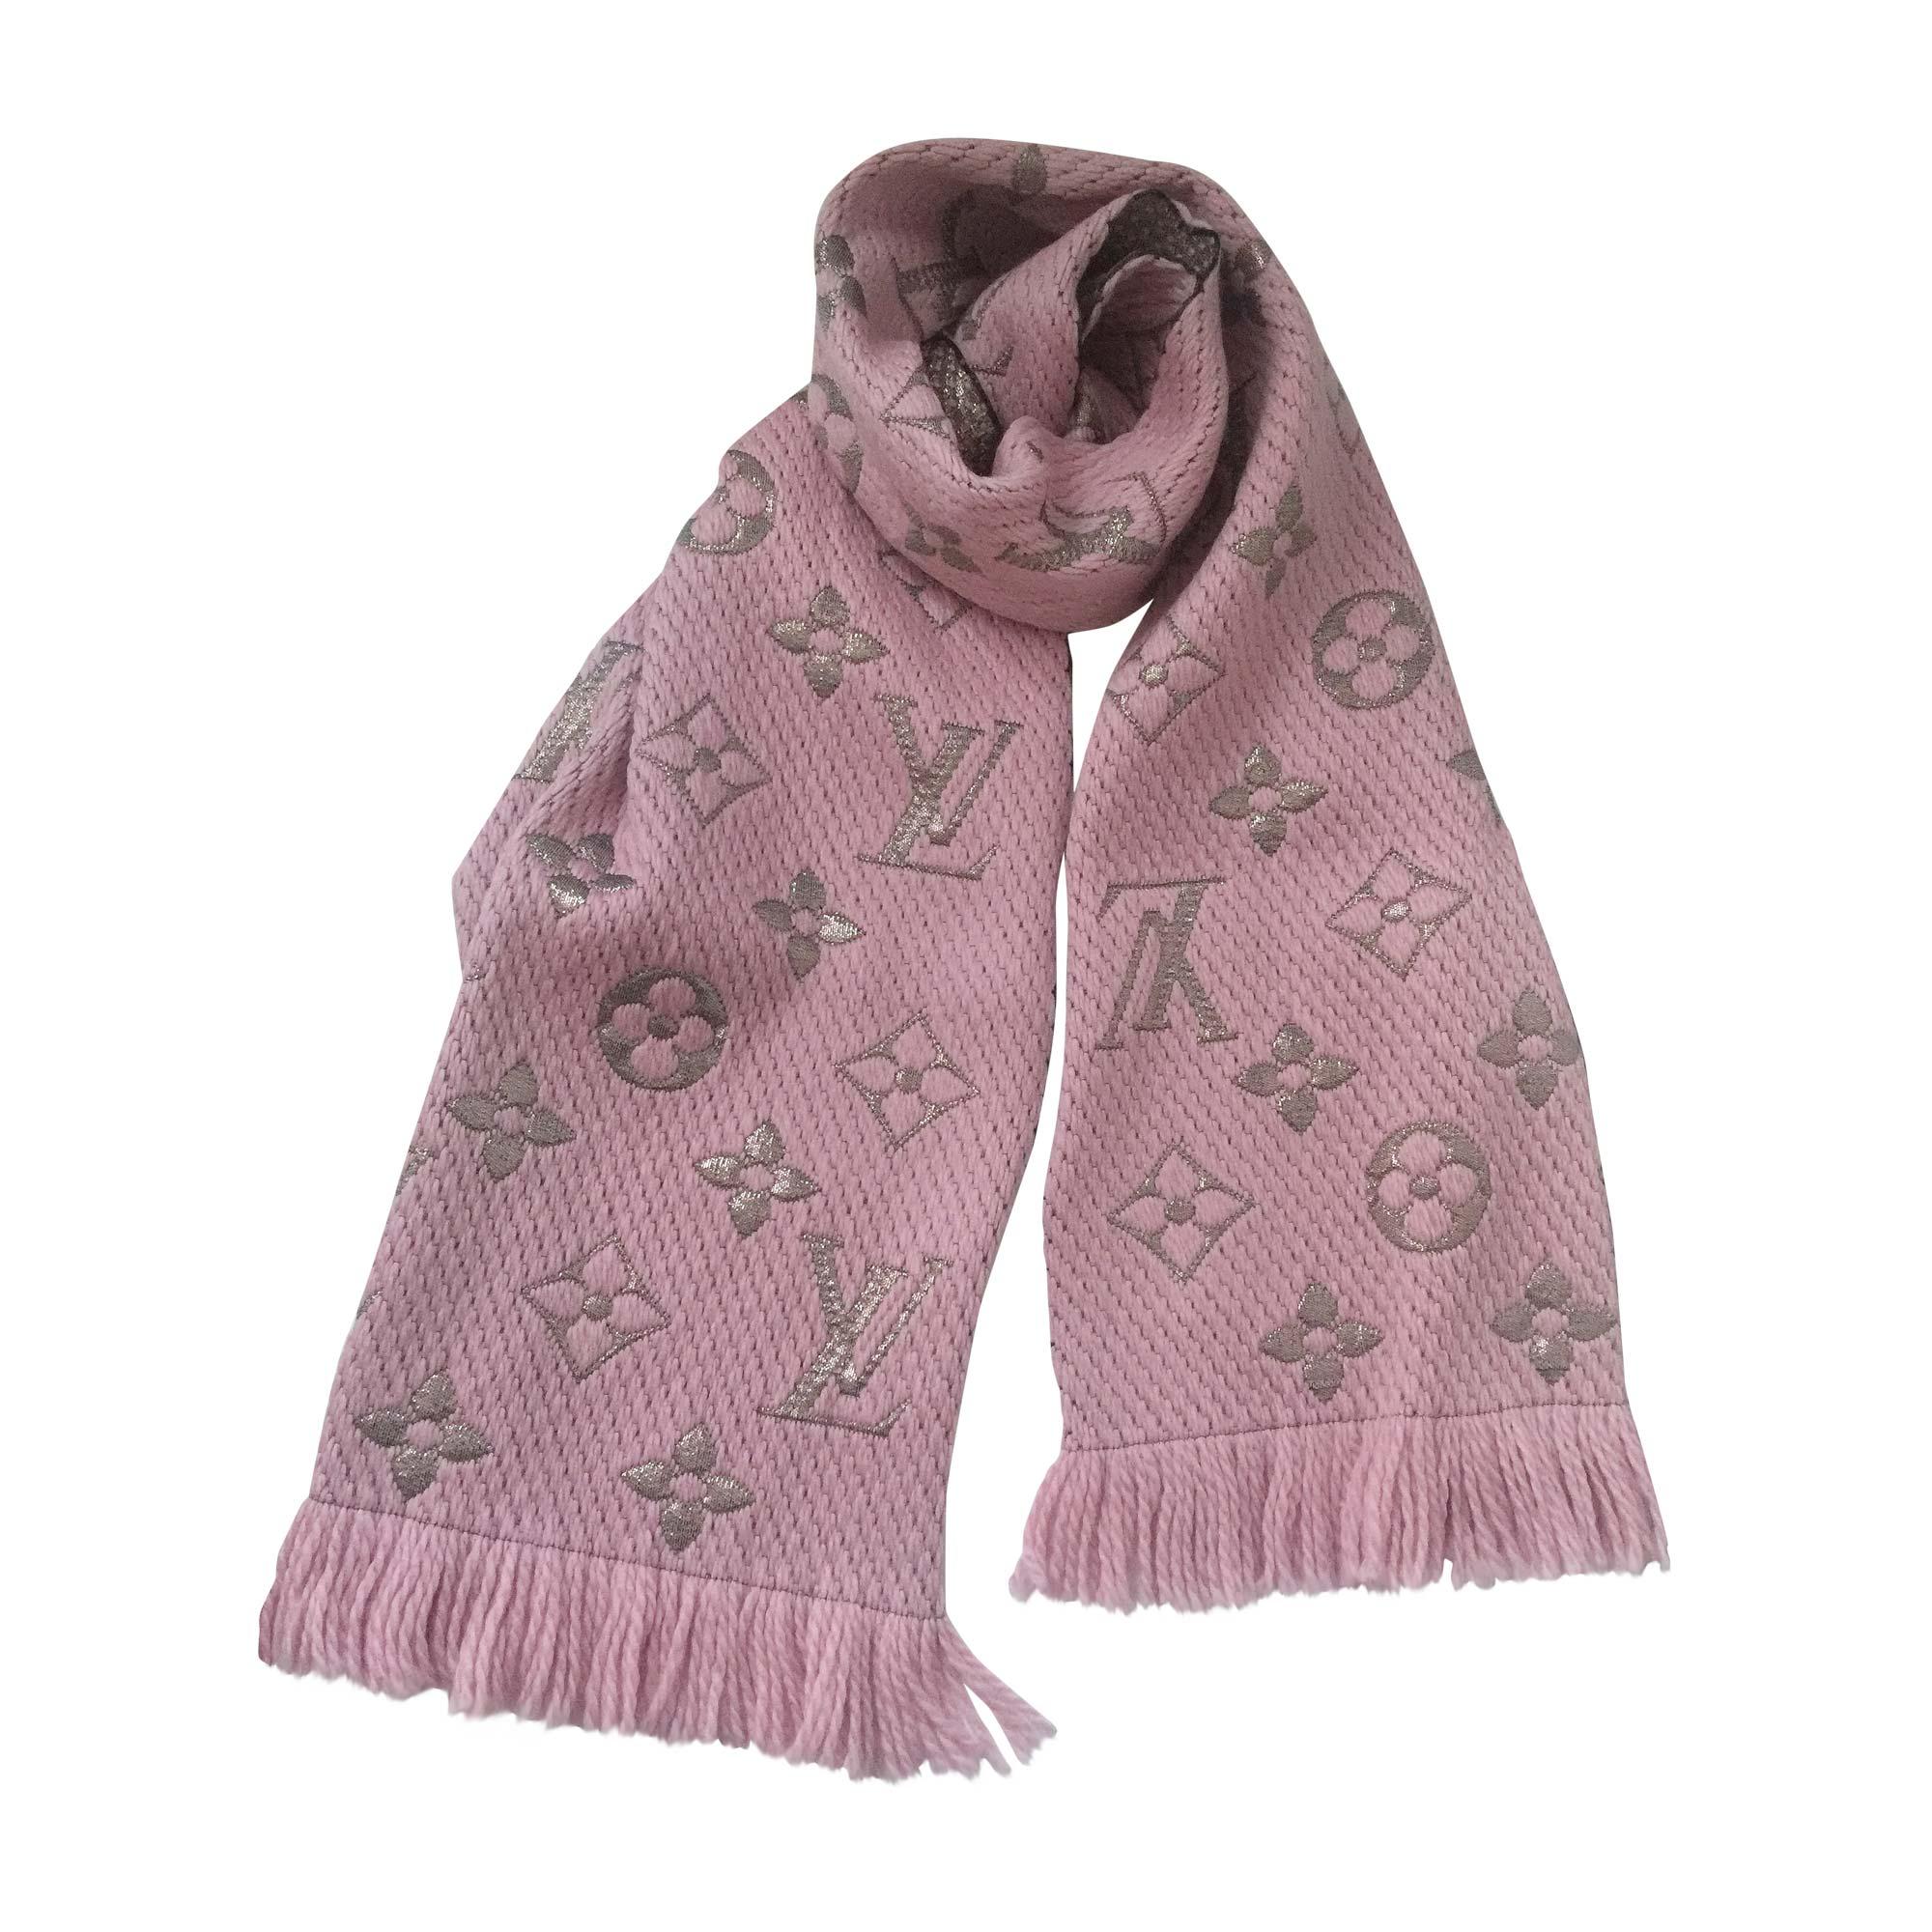 f857828a6d1 Echarpe LOUIS VUITTON rose vendu par Sophie27 - 5900884